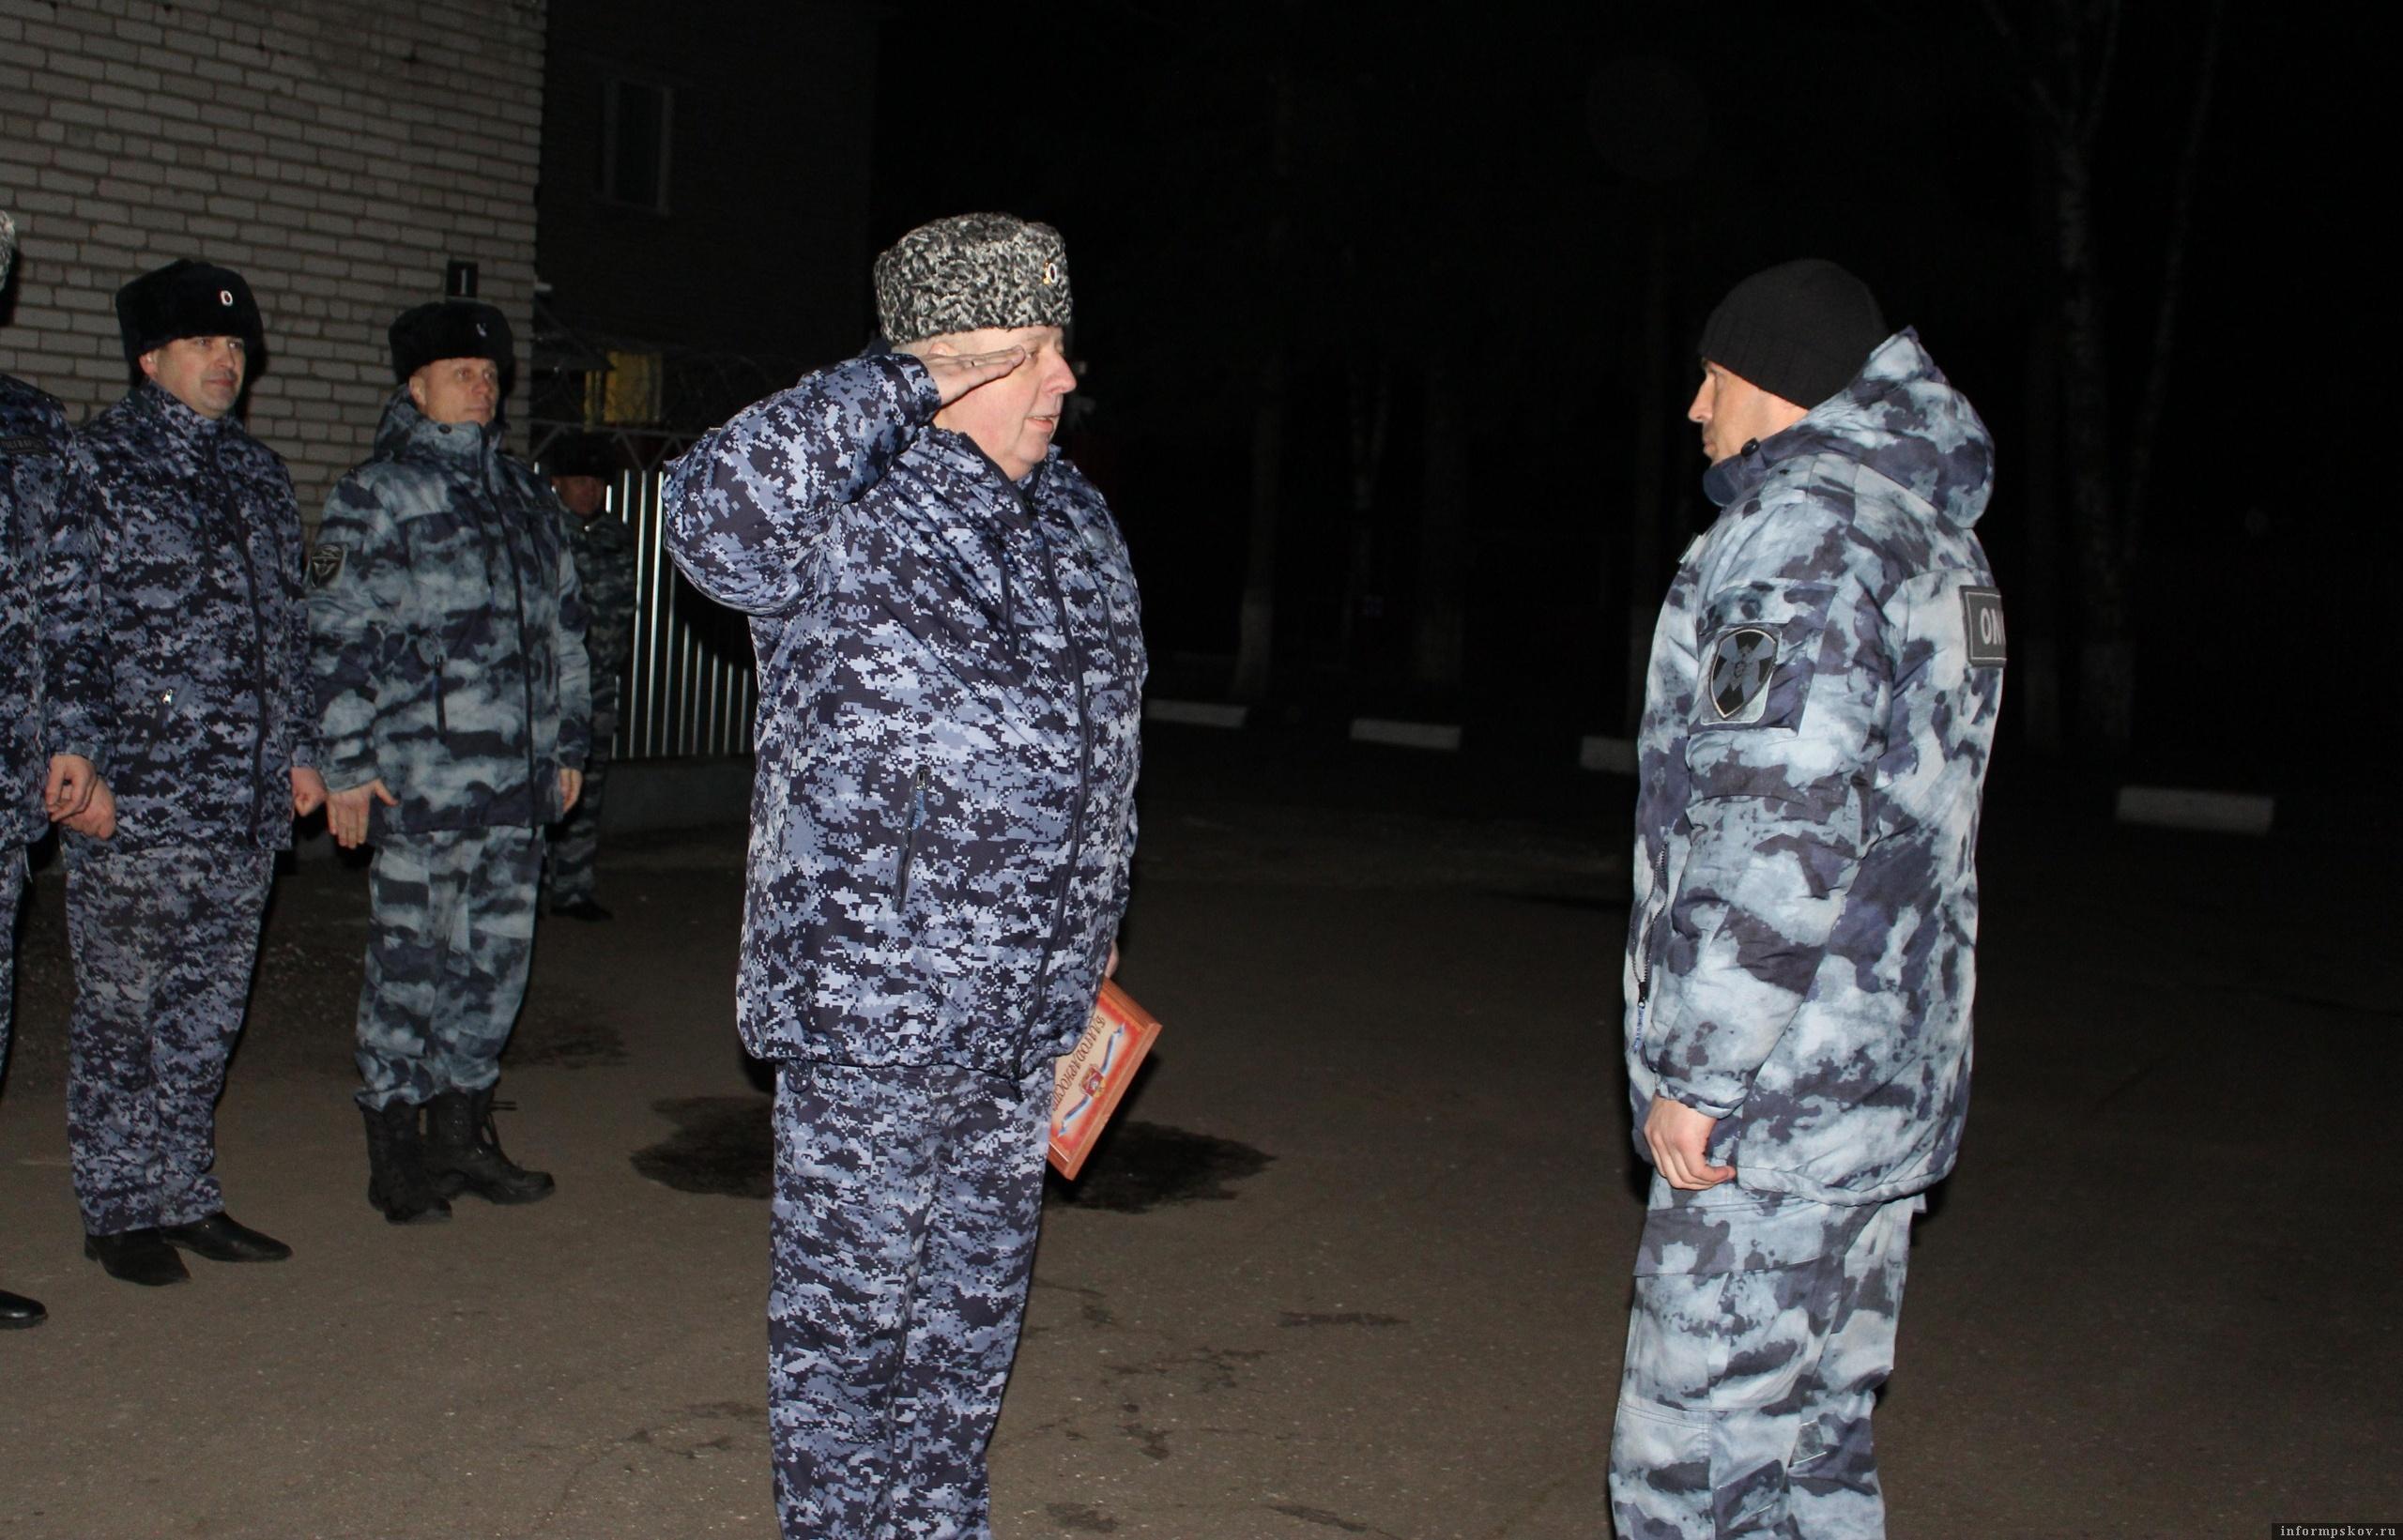 Фото пресс-службы Управления Росгвардии по Псковской области